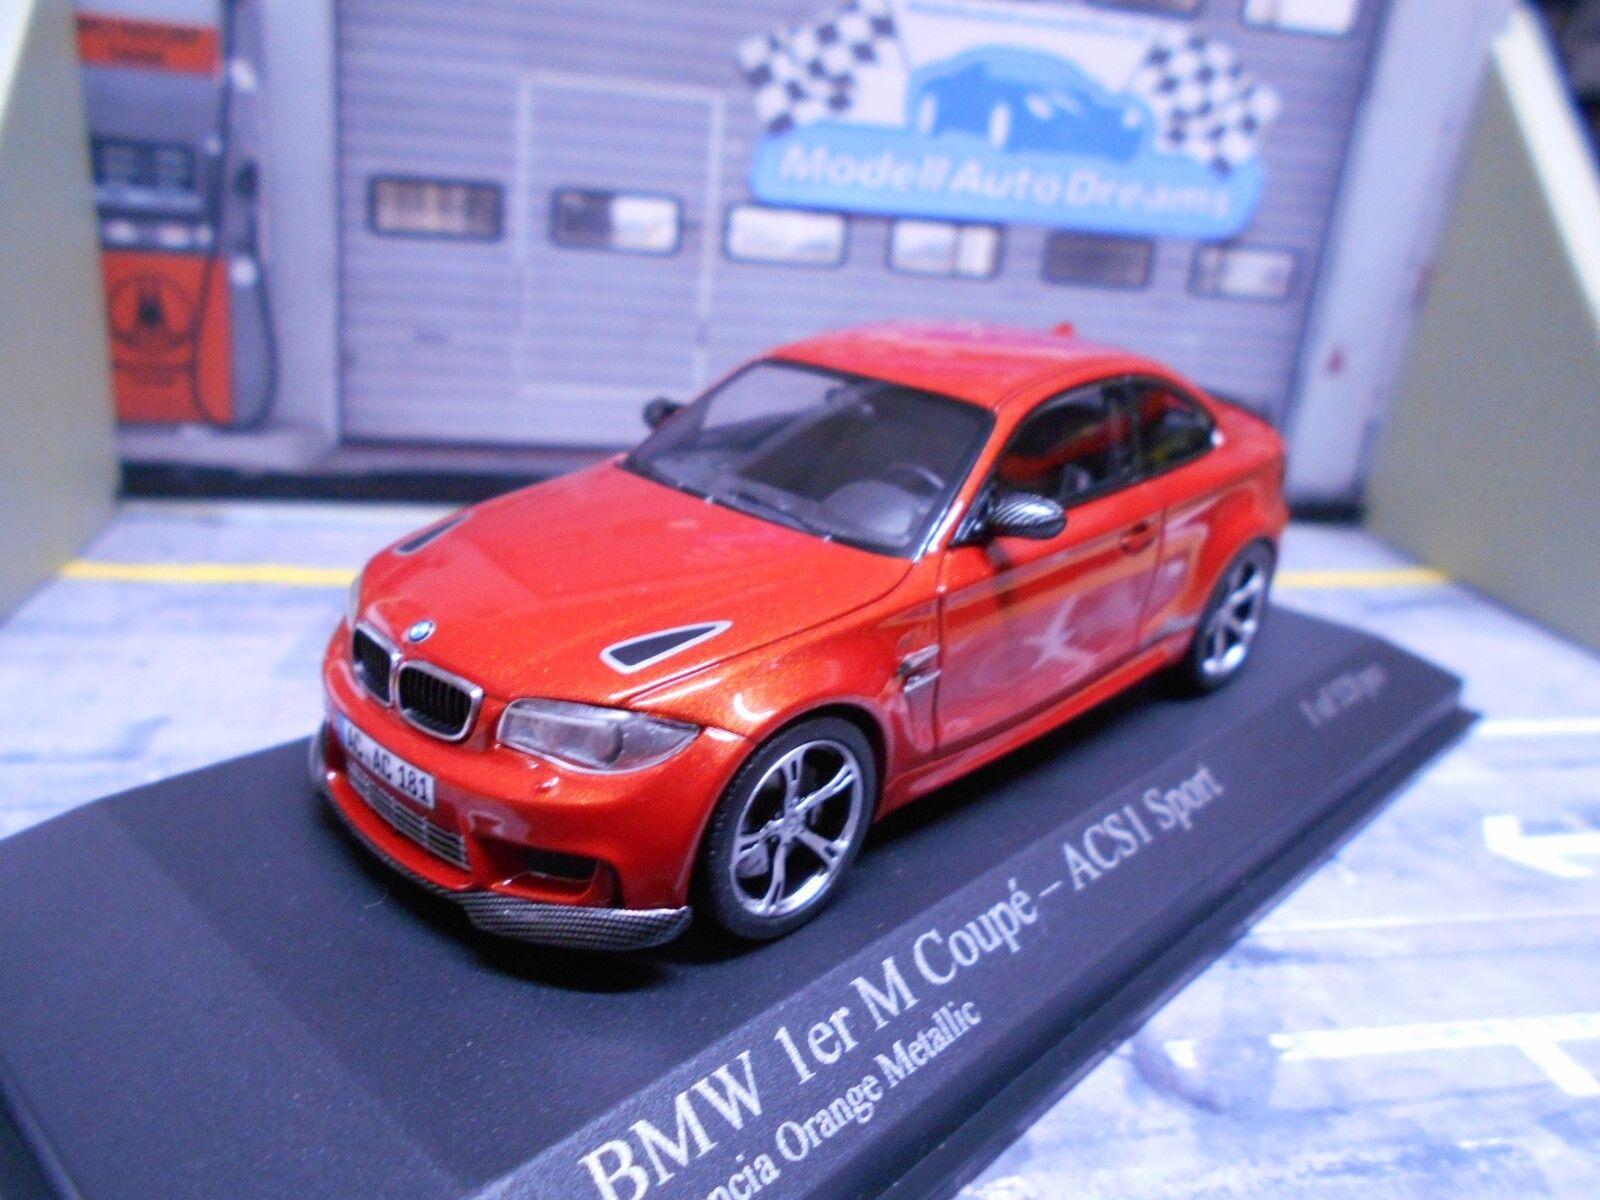 BMW 1er série m1 M Coupé boulette acs1 acs1 acs1 sport Orange 2011 Minichamps 1 43 75a30f